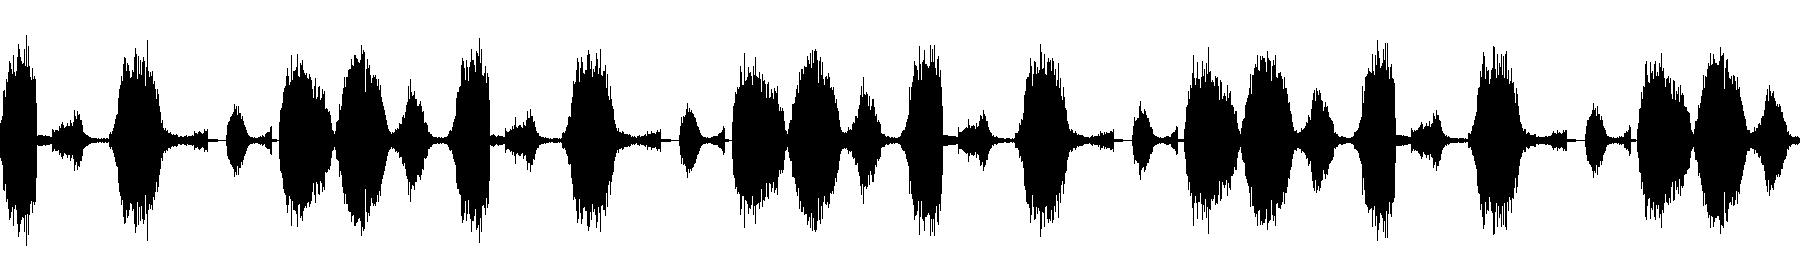 ehp percloop 127 19